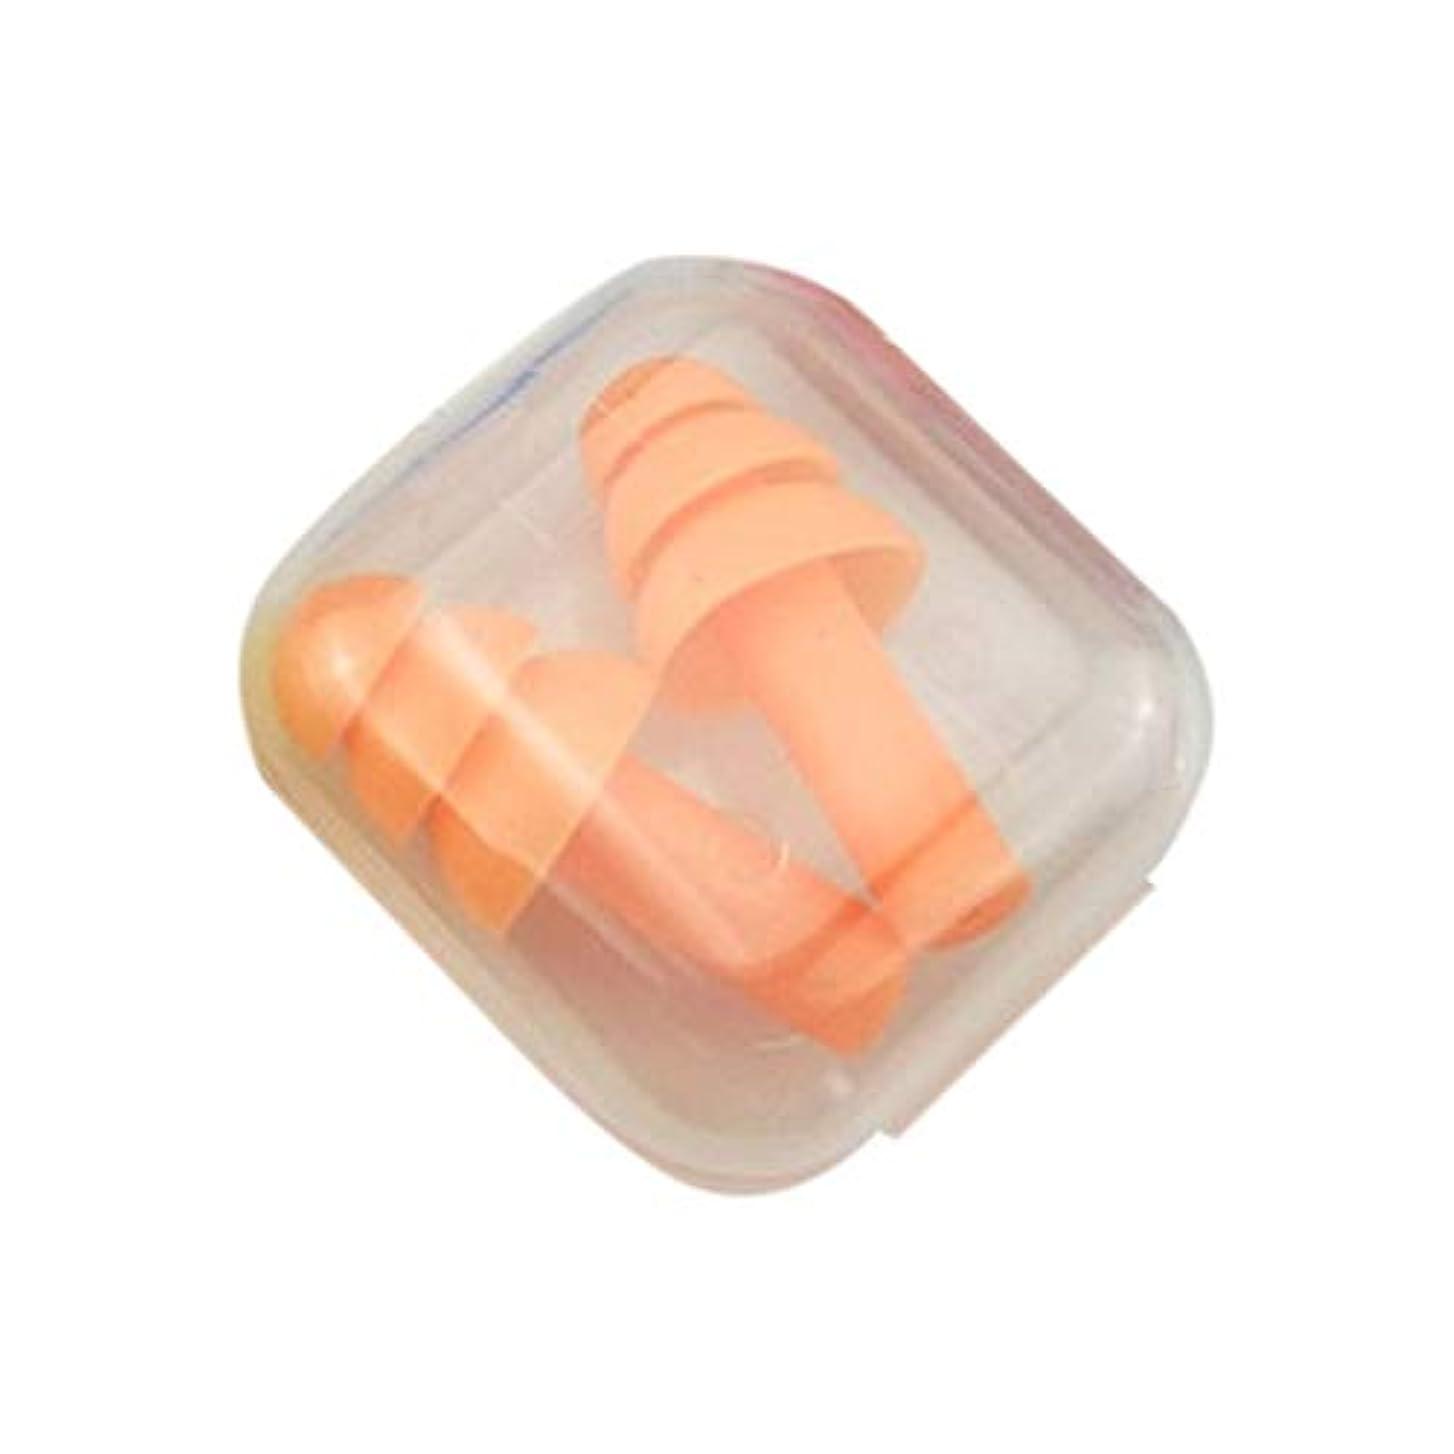 十分ですとげのあるブレス柔らかいシリコーンの耳栓遮音用耳の保護用の耳栓防音睡眠ボックス付き収納ボックス - オレンジ